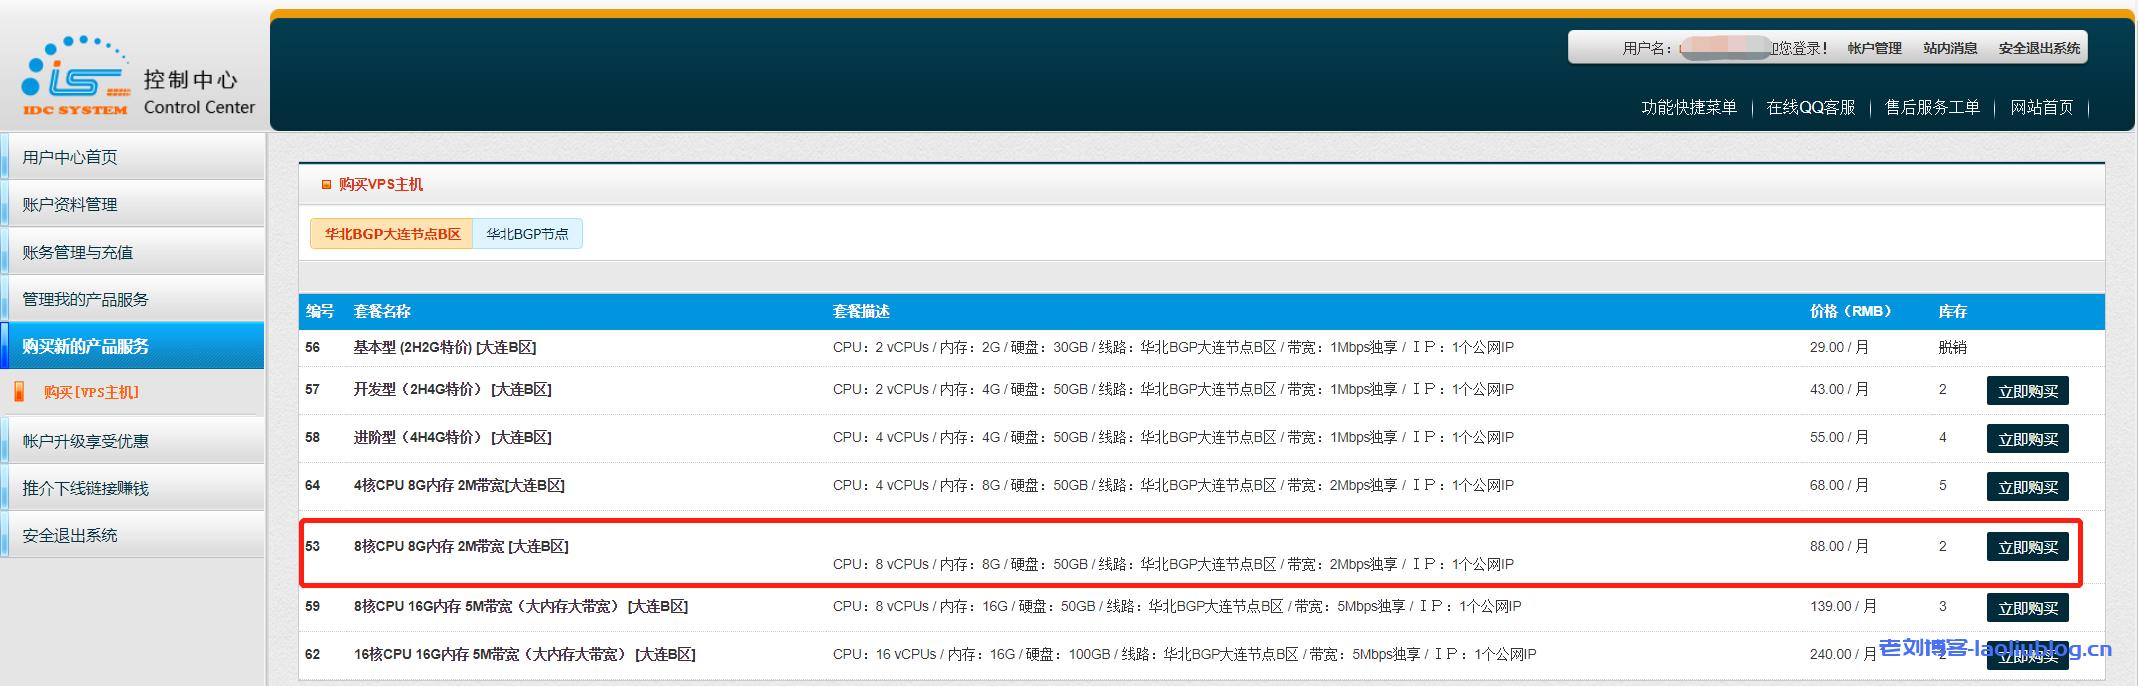 607云计算:华北大连BGP大连节点B区8核8G内存2M独享带宽50GB硬盘云服务器性能测评